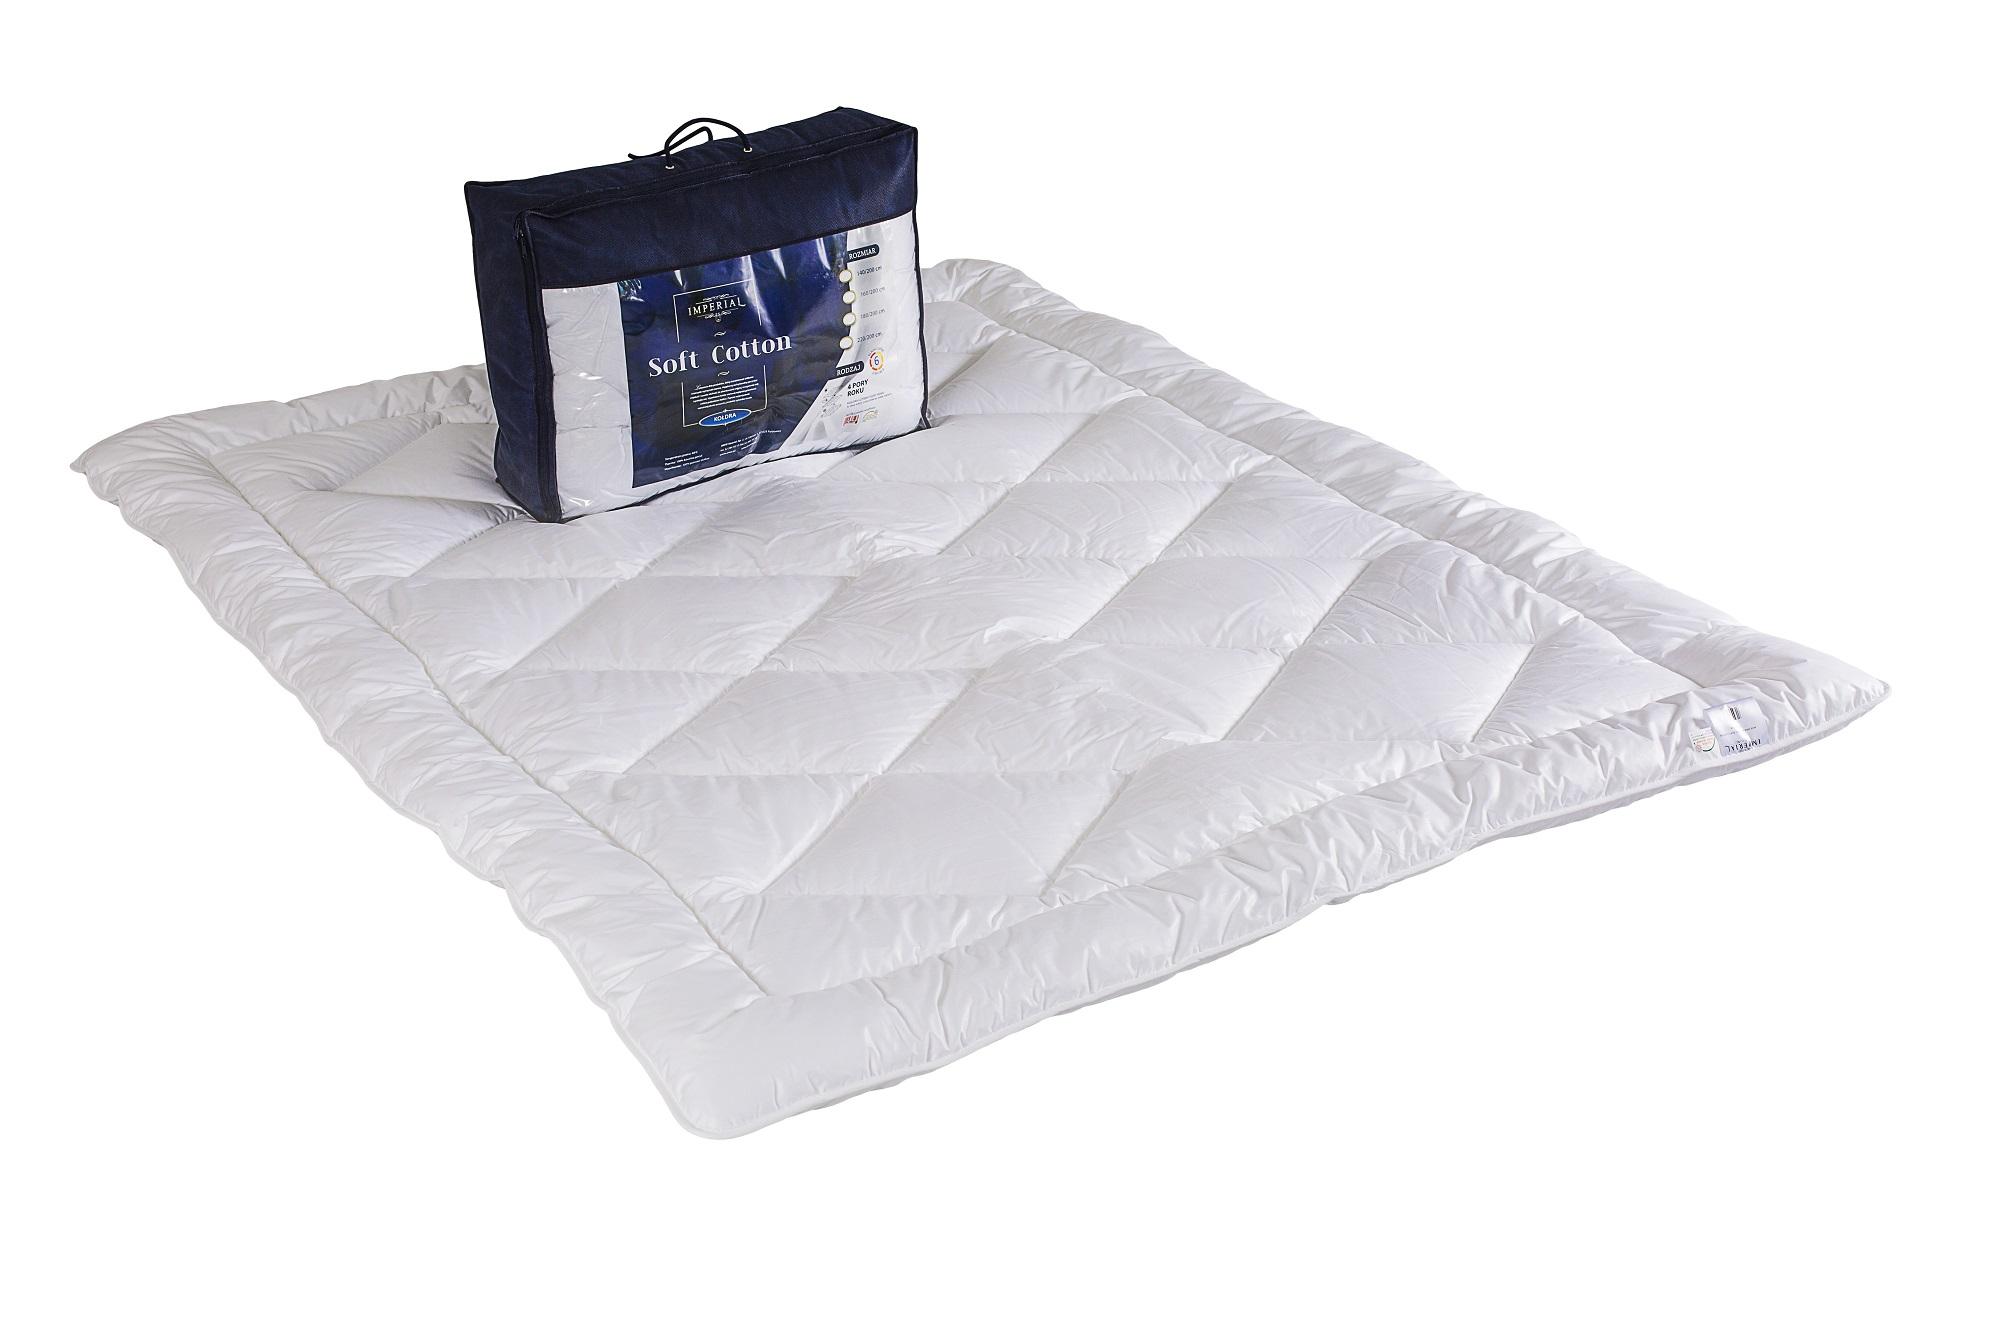 koldra caloroczna imperial soft cotton antyalergiczna